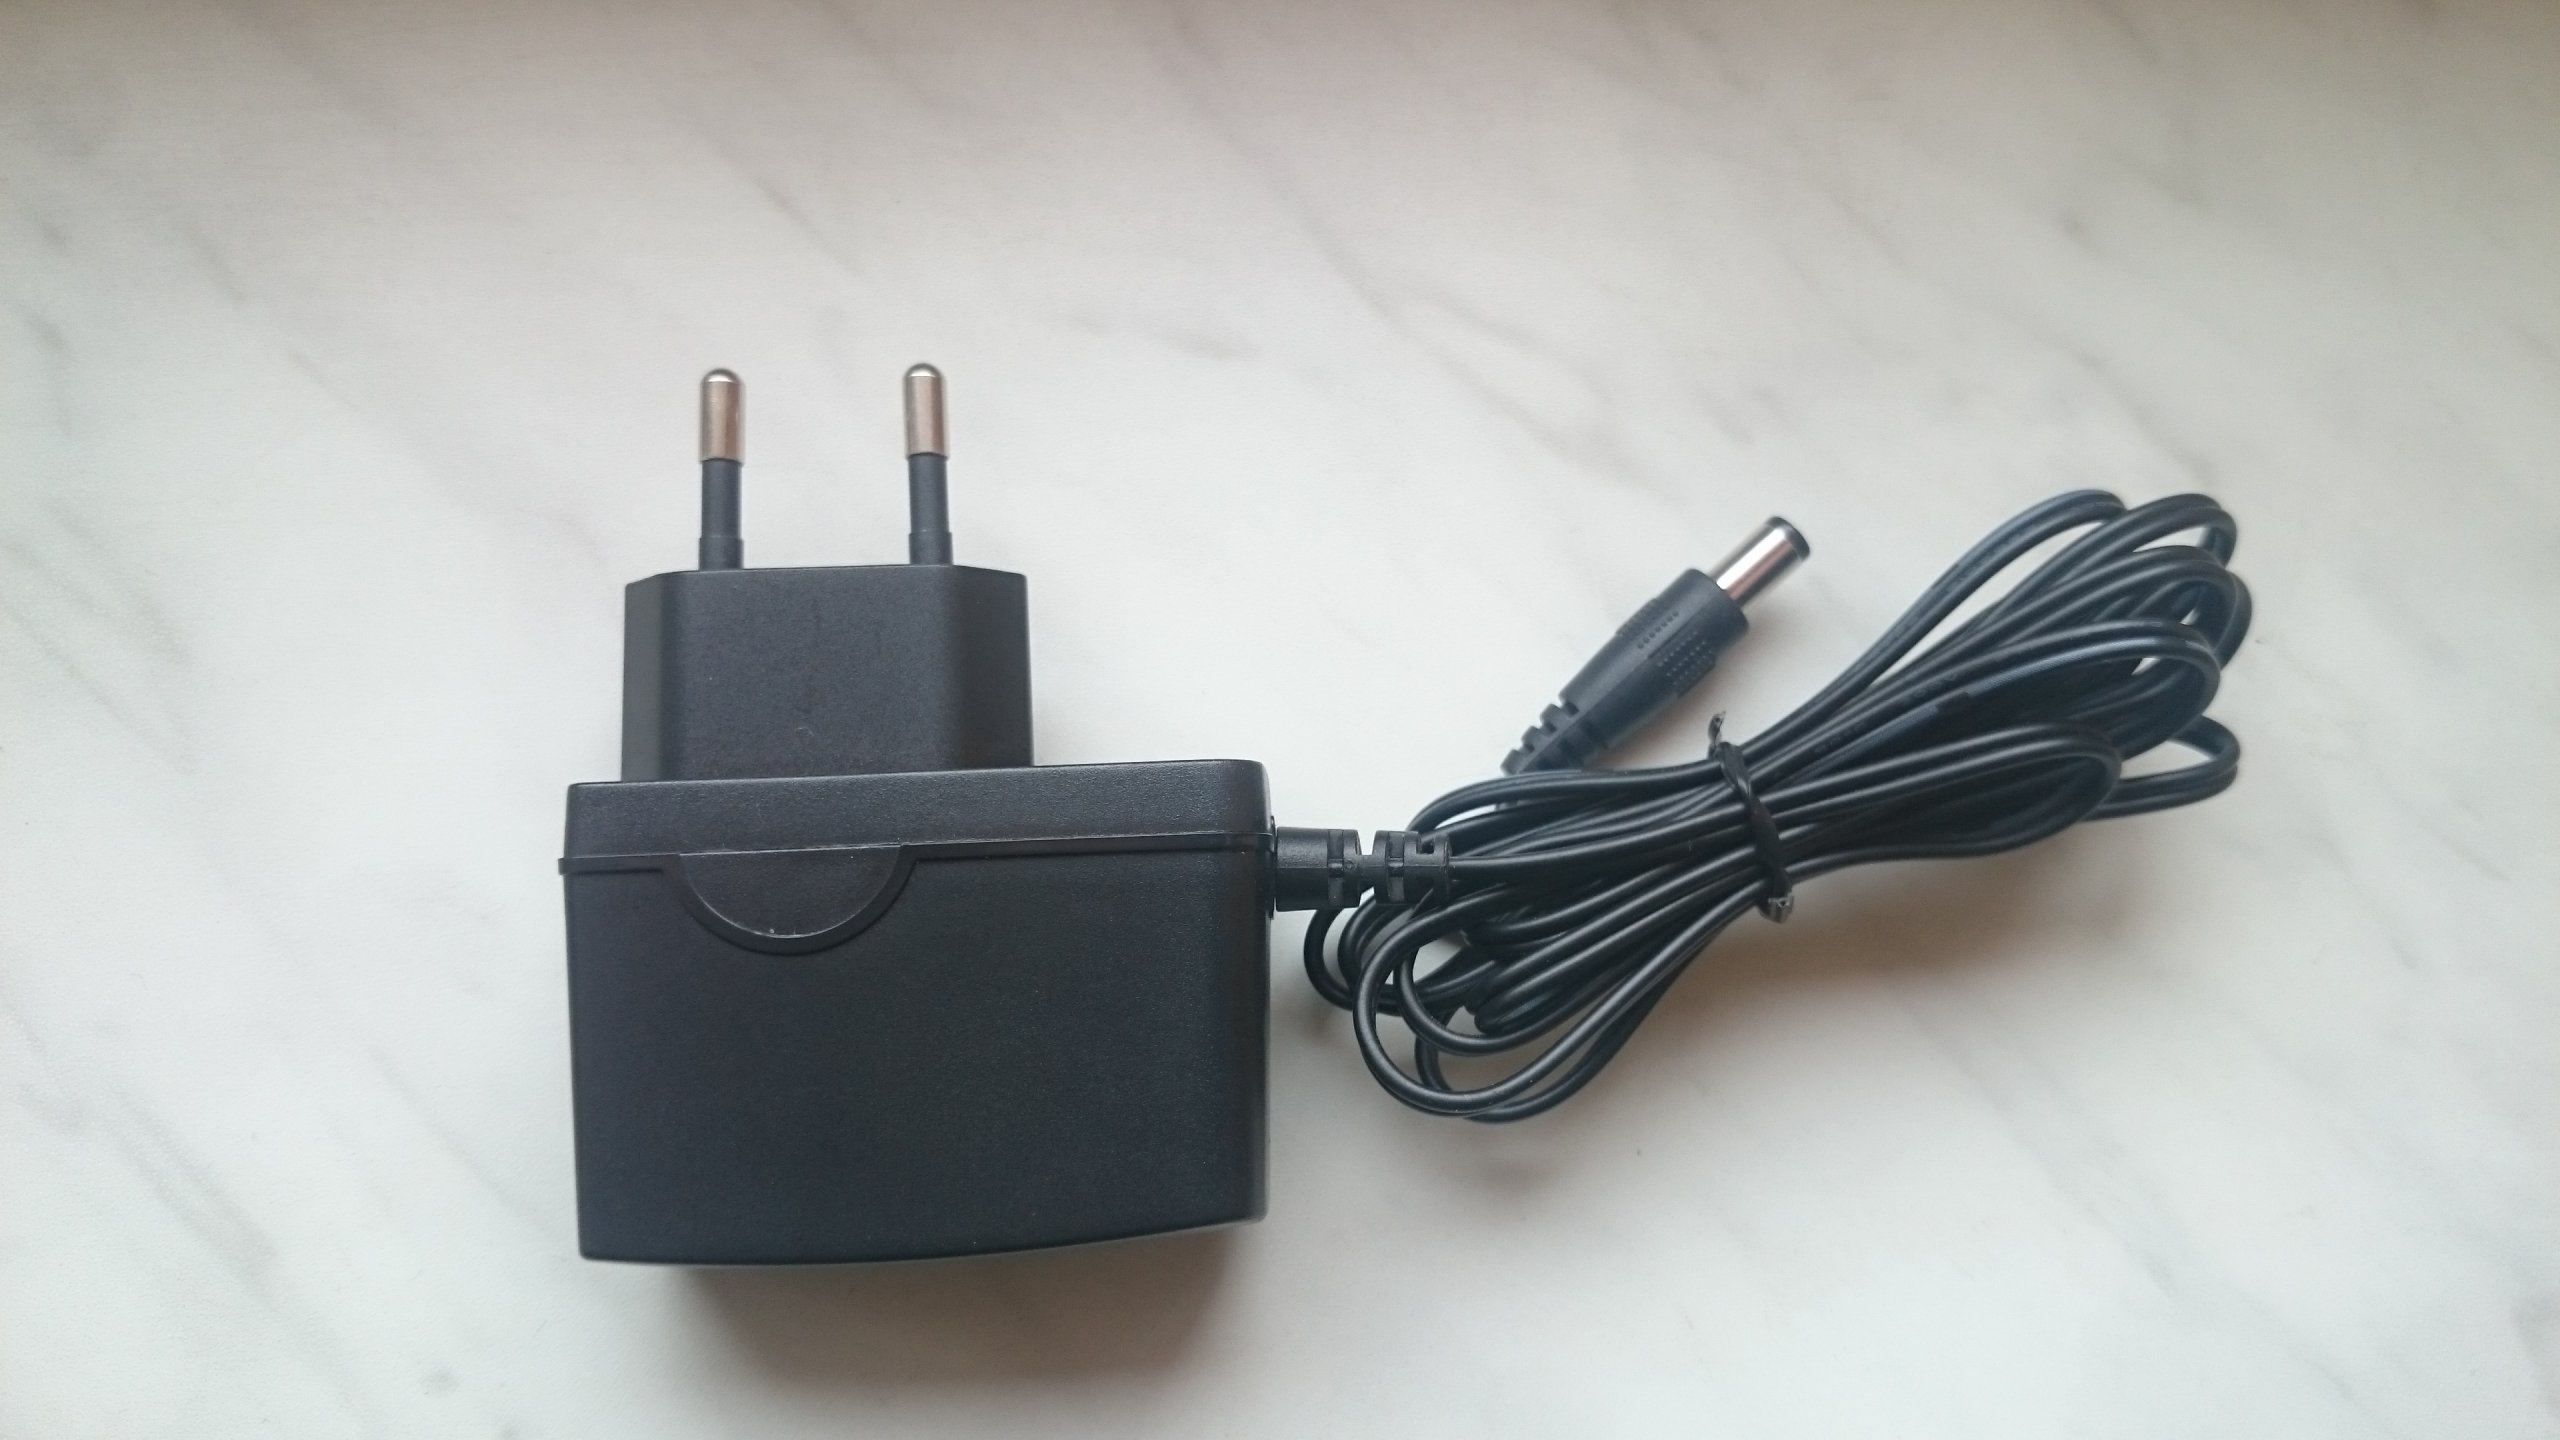 Adaptor Tp Link 9v 0 6a Original New Spec Dan Daftar Harga Terbaru Adapter 085a Oryginalny Zasilacz T090085 2c1 06a